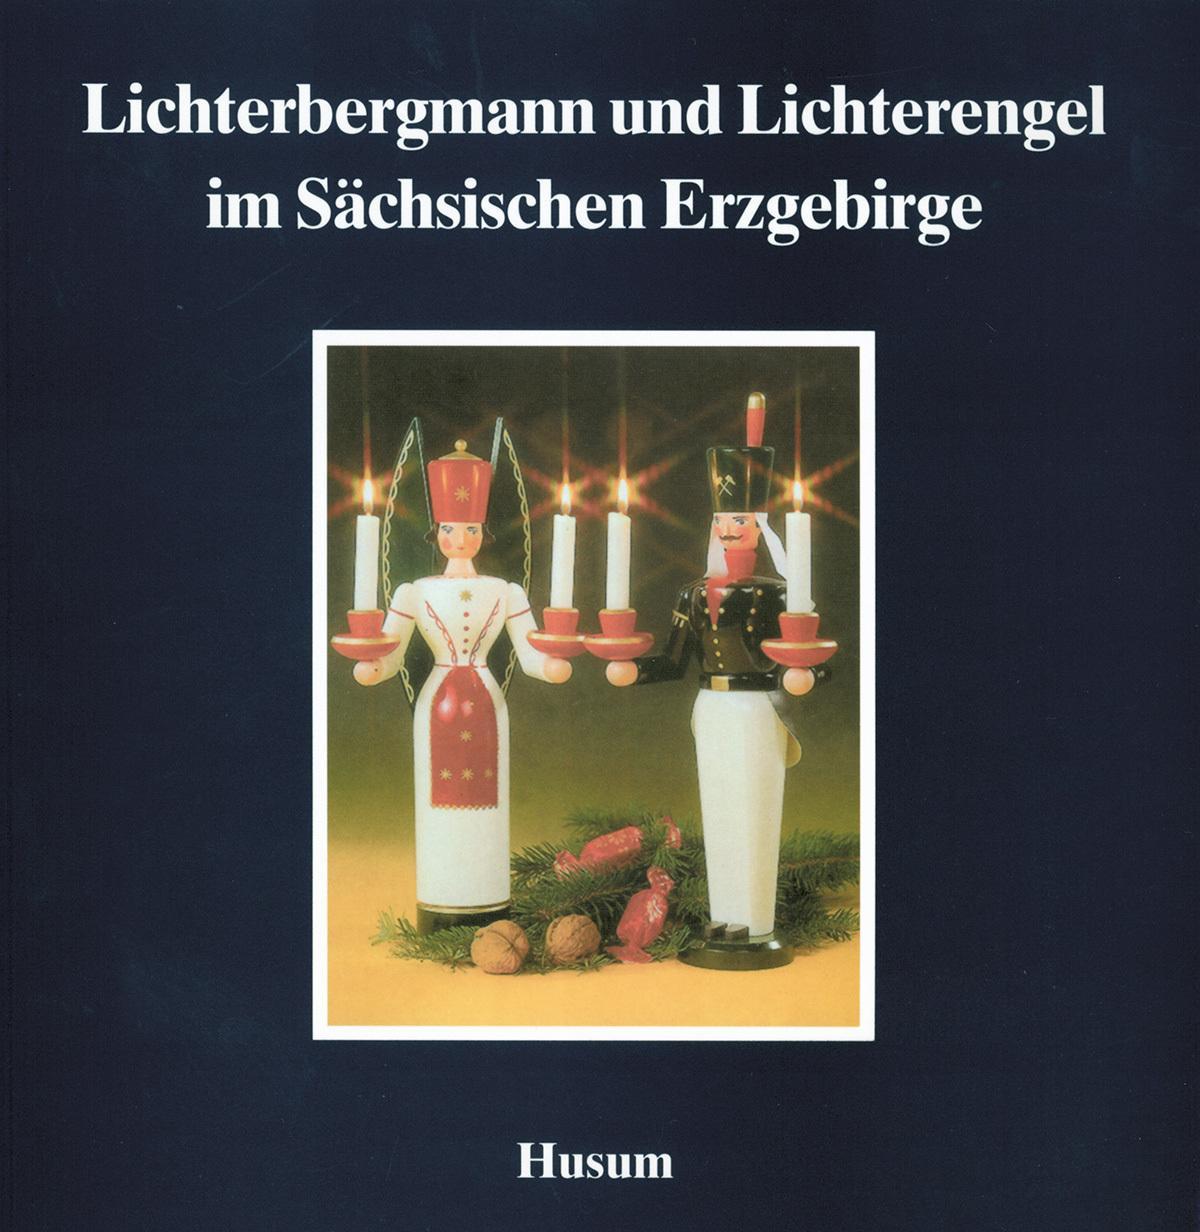 Lichterbergmann und Lichterengel im Sächsichen Erzgebirge